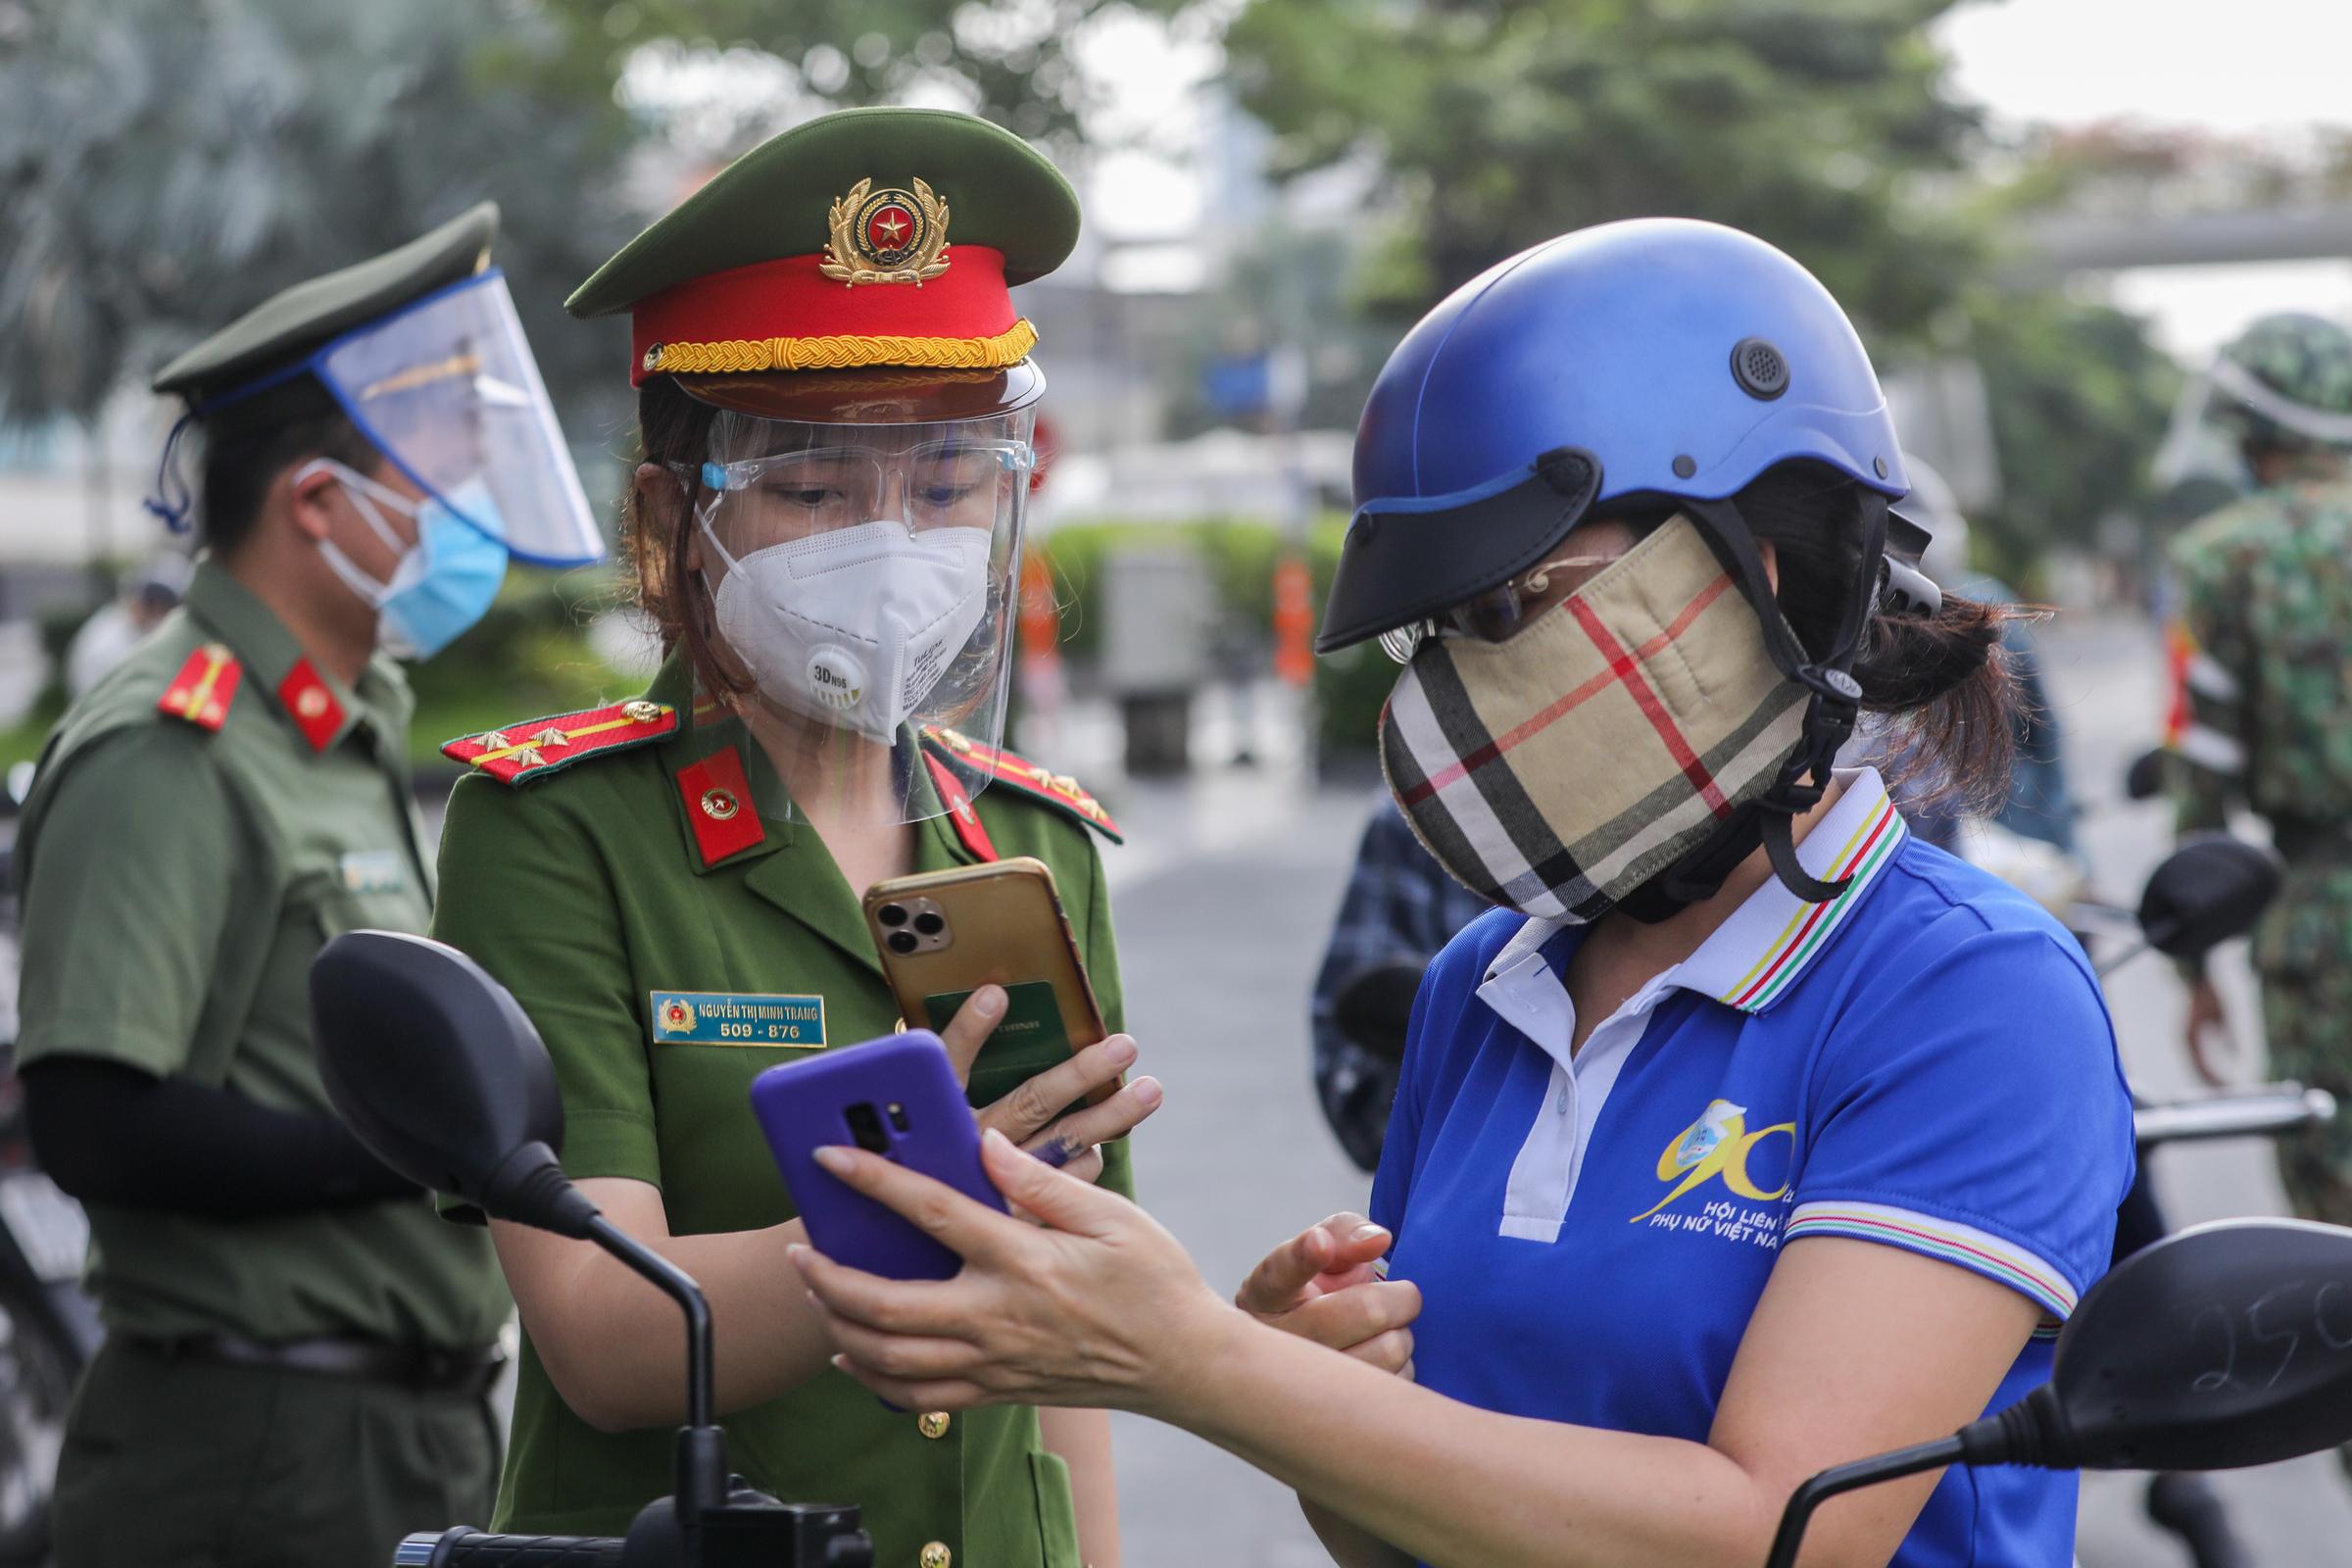 Người dân phải khai báo di biến động cư dân tại chốt kiểm soát Covid-19 ở quận Bình Thạnh, ngày 30/8. Ảnh: Quỳnh Trần